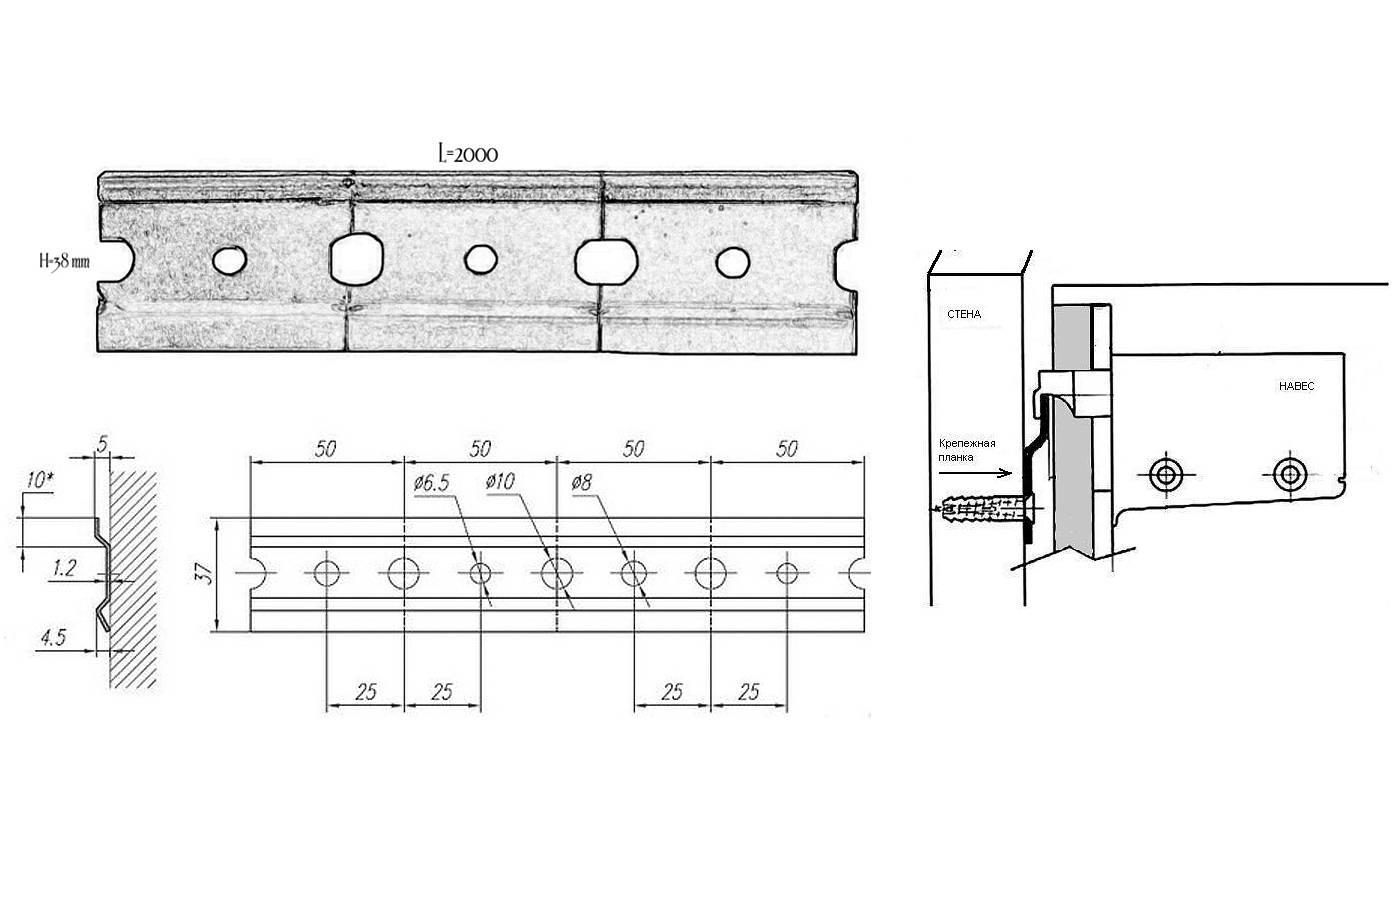 Как повесить шкаф на стену, чтобы он таки висел?